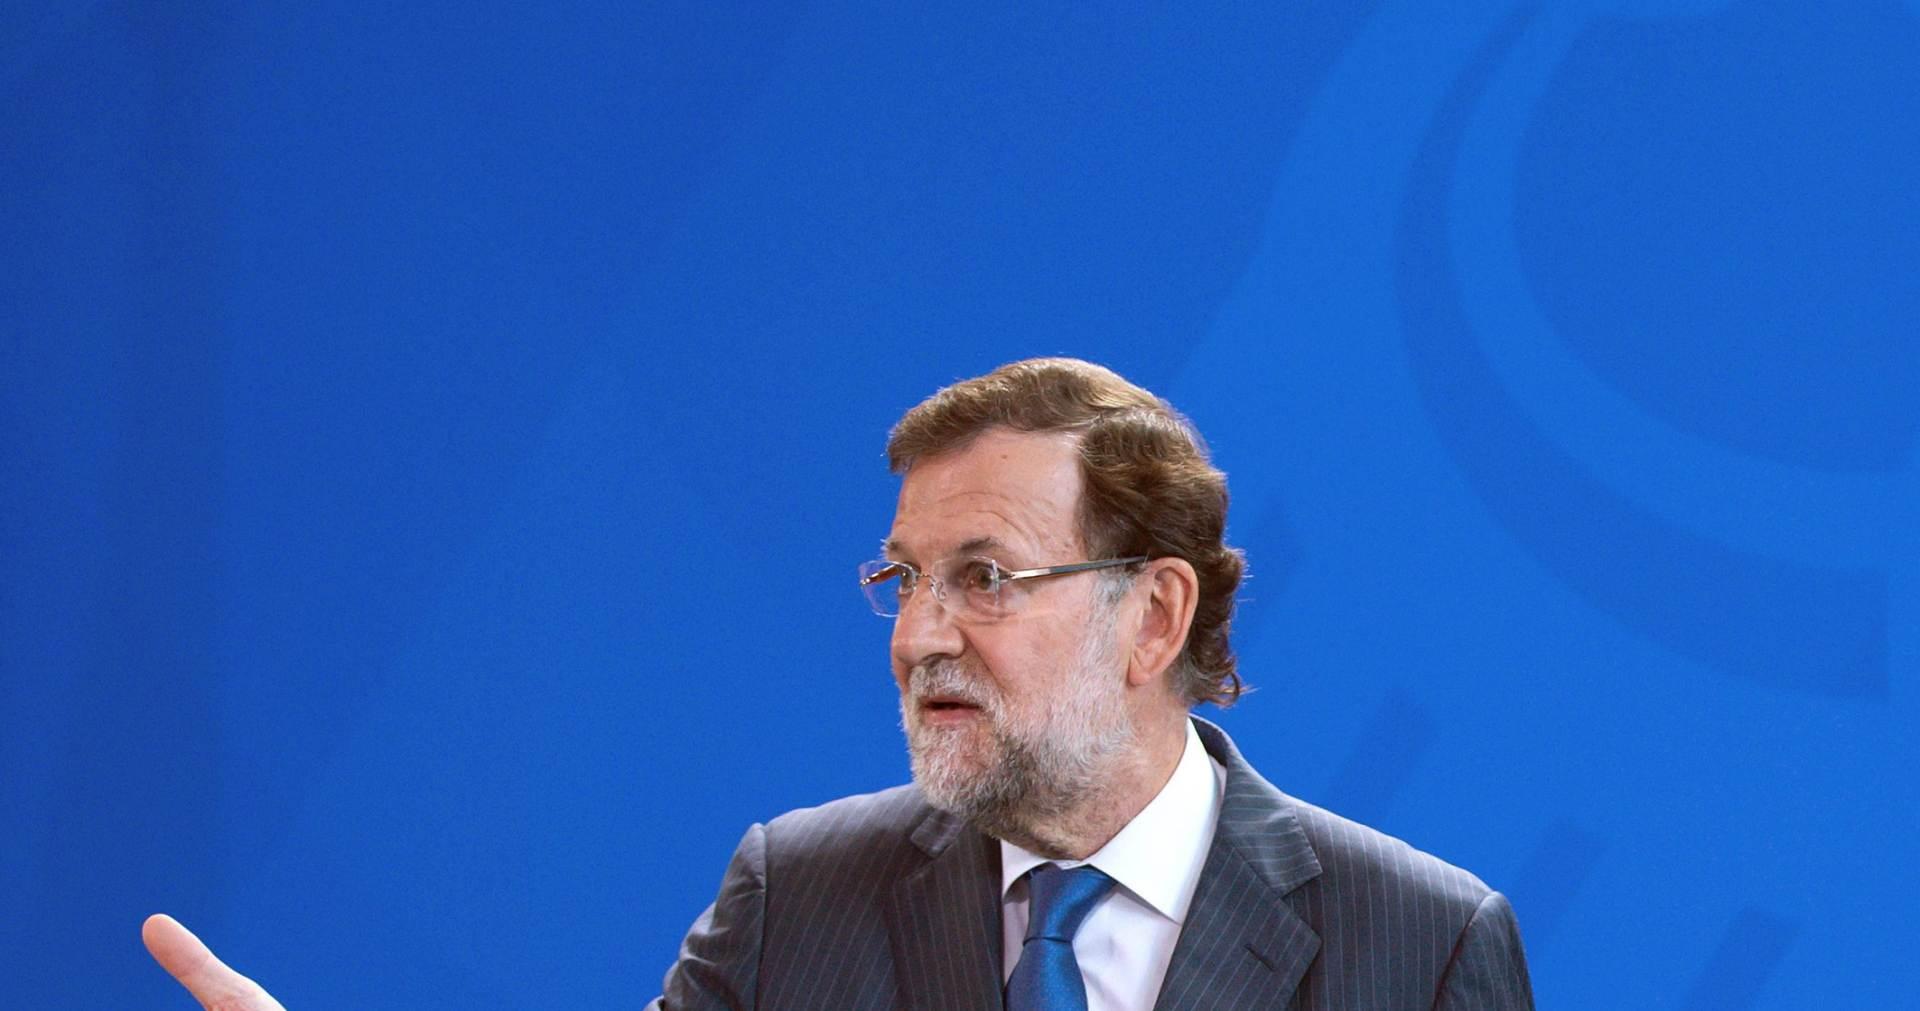 Španjolska: Premijeru Rajoyu pobjeda, no upitan novi mandat